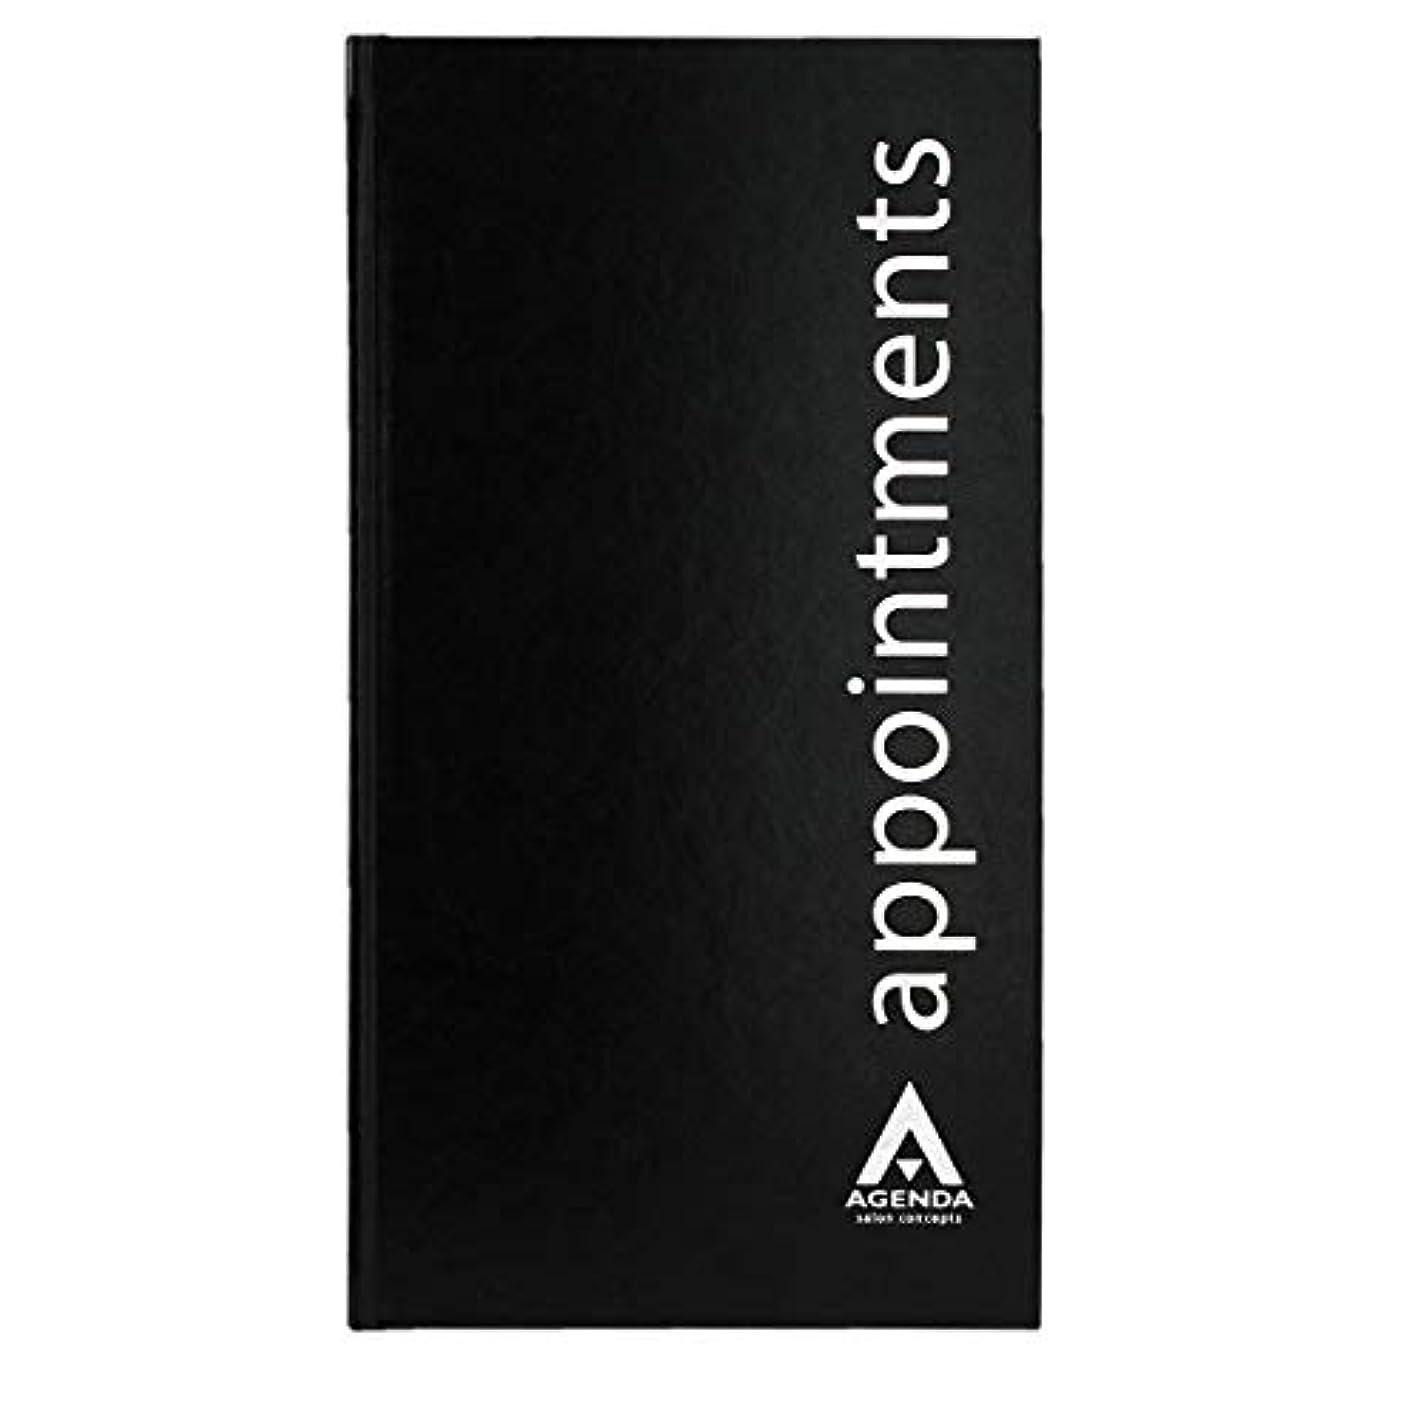 スポンサー魔術師分析的アジェンダ サロンコンセプト 美容アポイントメントブック3アシスタントブラック[海外直送品] [並行輸入品]